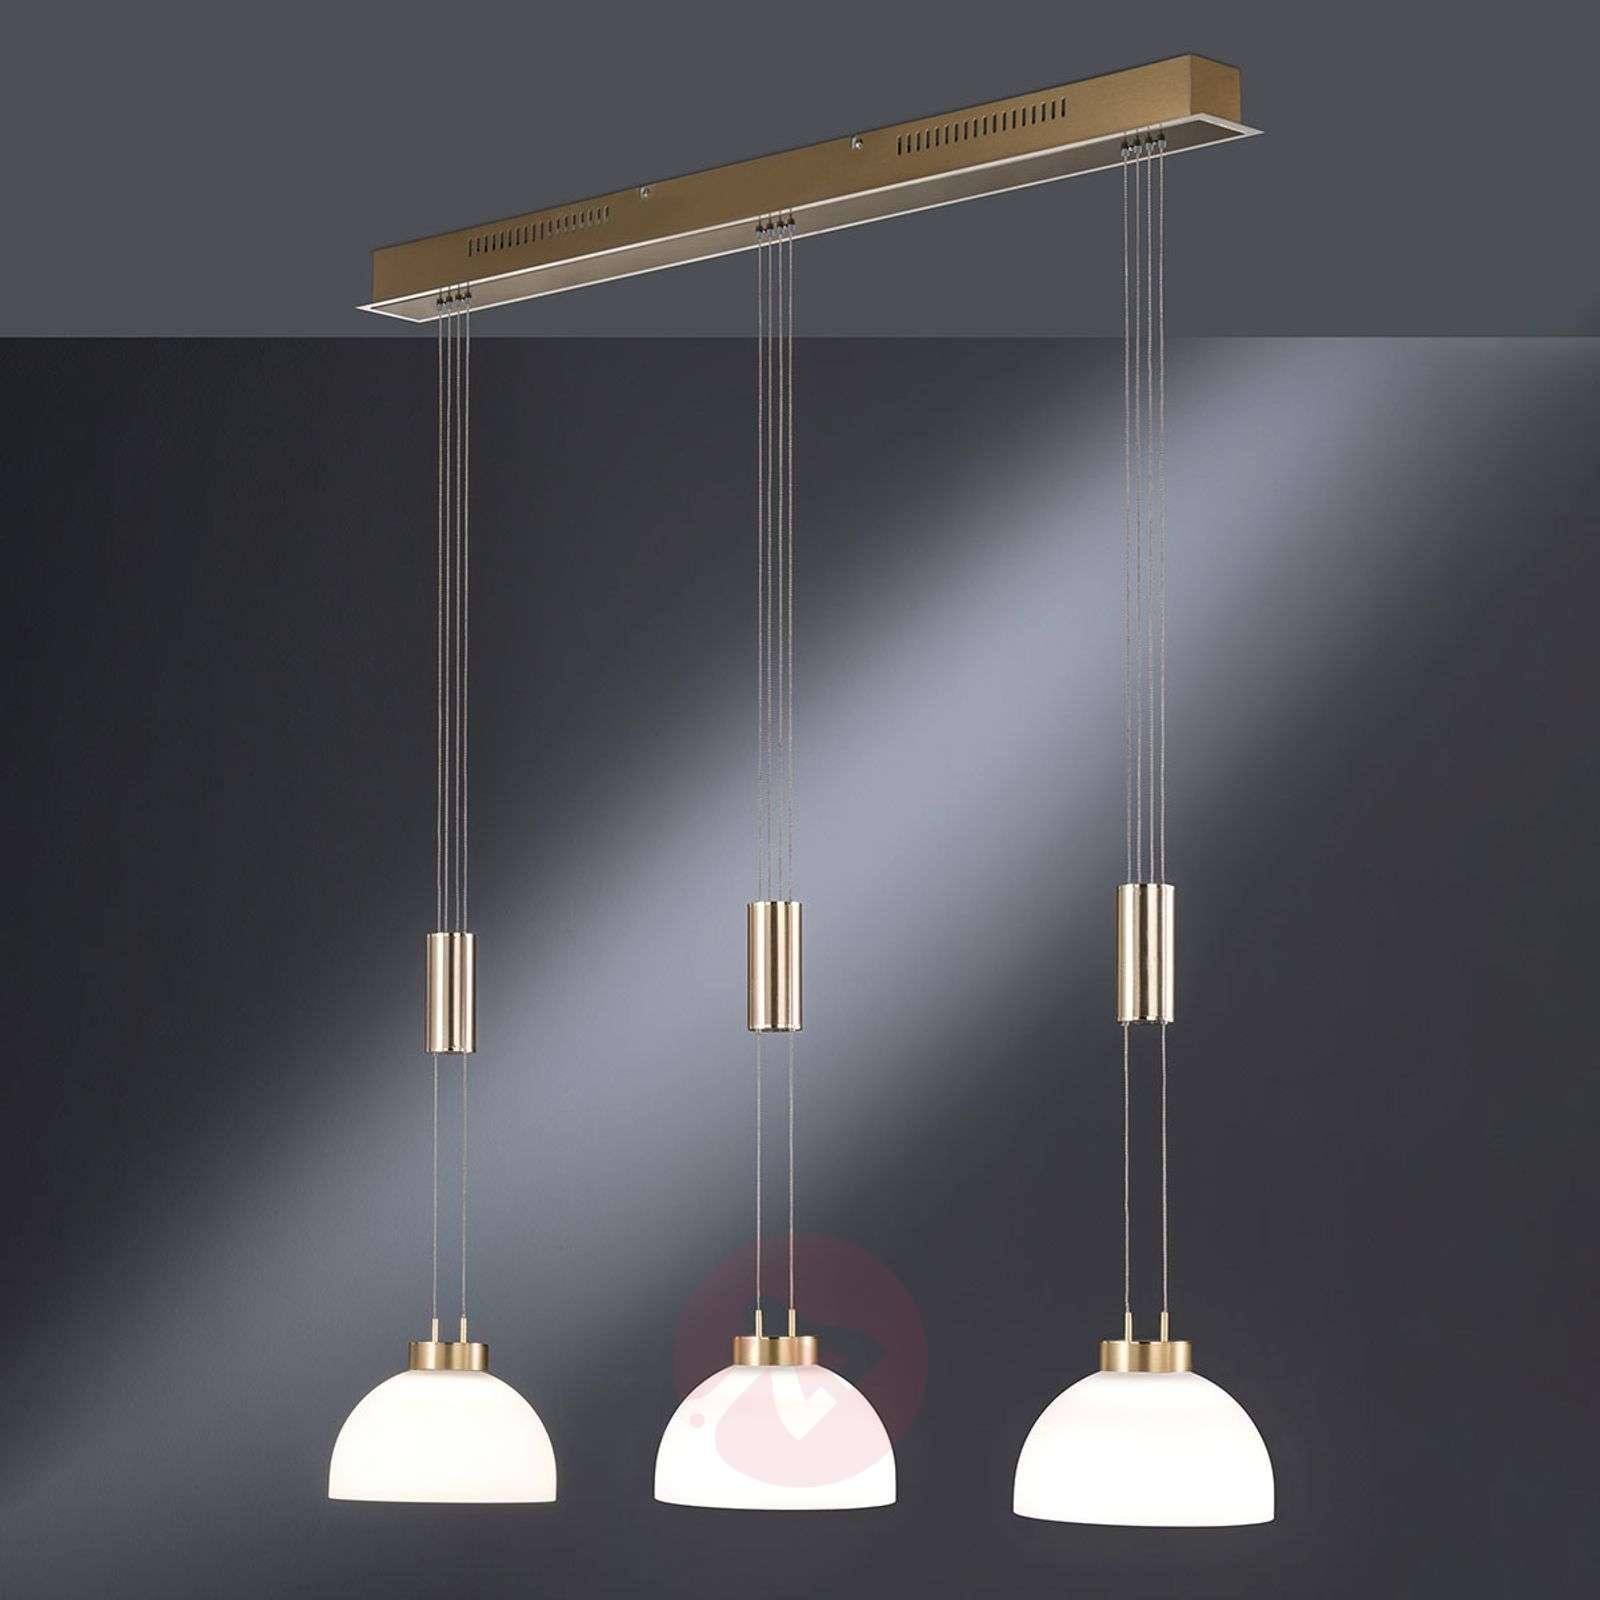 Riippuvalo Shine korkeussäädettävä 3 lamppua-4581553-01